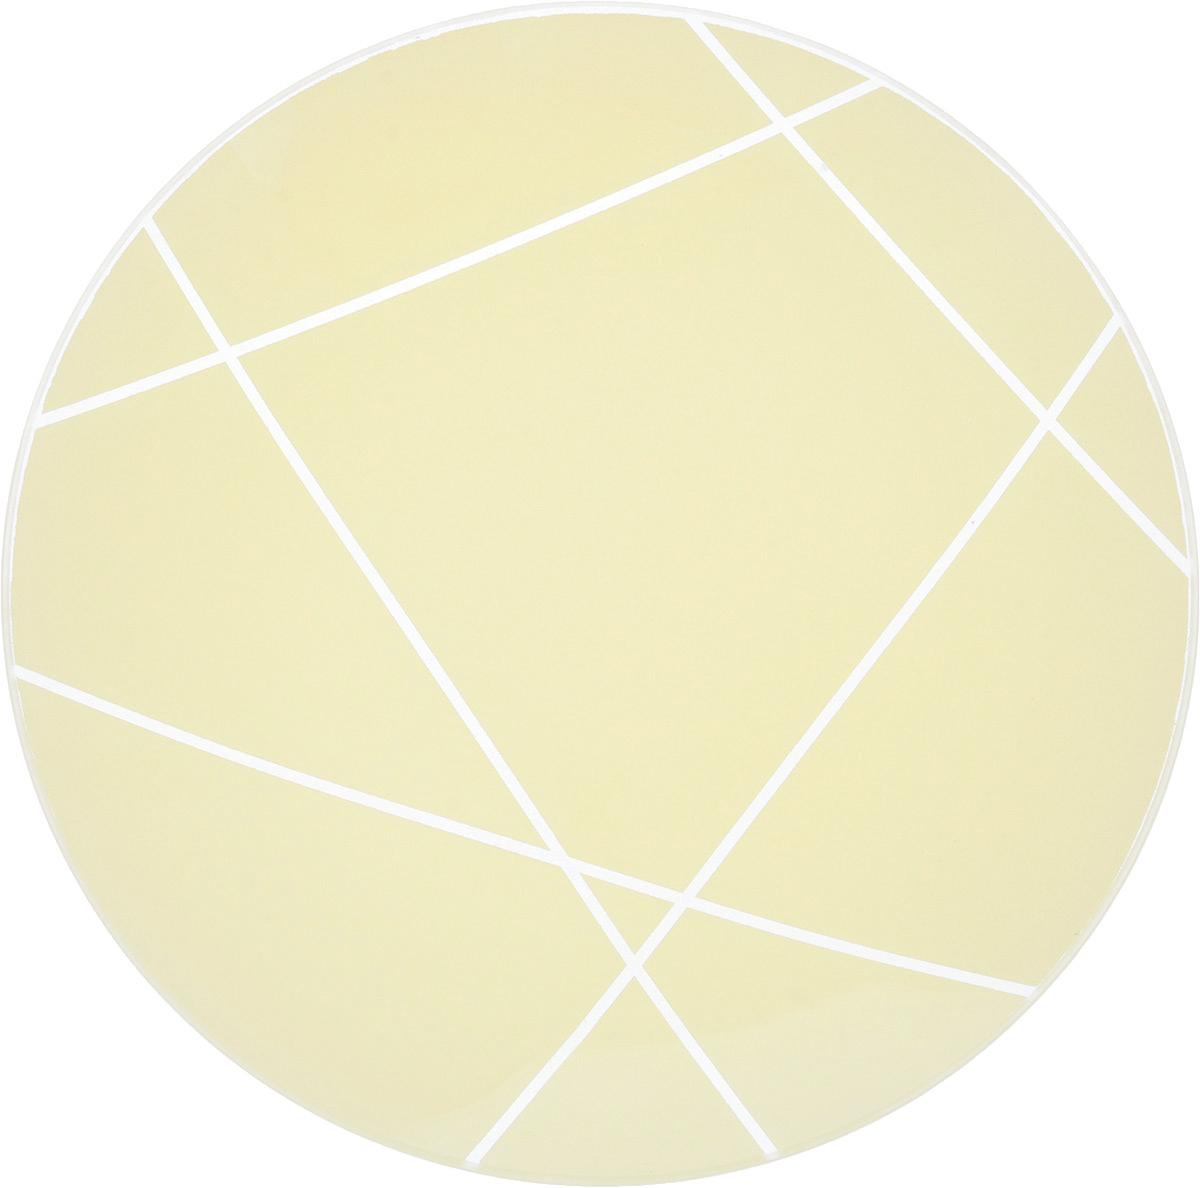 Тарелка NiNaGlass Контур, цвет: молочный, диаметр 20 см85-200-002/белКруглая тарелка NiNaGlass Контур, изготовленная из стекла, декорирована оригинальным рисунком. Она не только украсит сервировку вашего стола и подчеркнет прекрасный вкус хозяйки, но и станет отличным подарком. Диаметр: 20 см. Высота: 3 см.